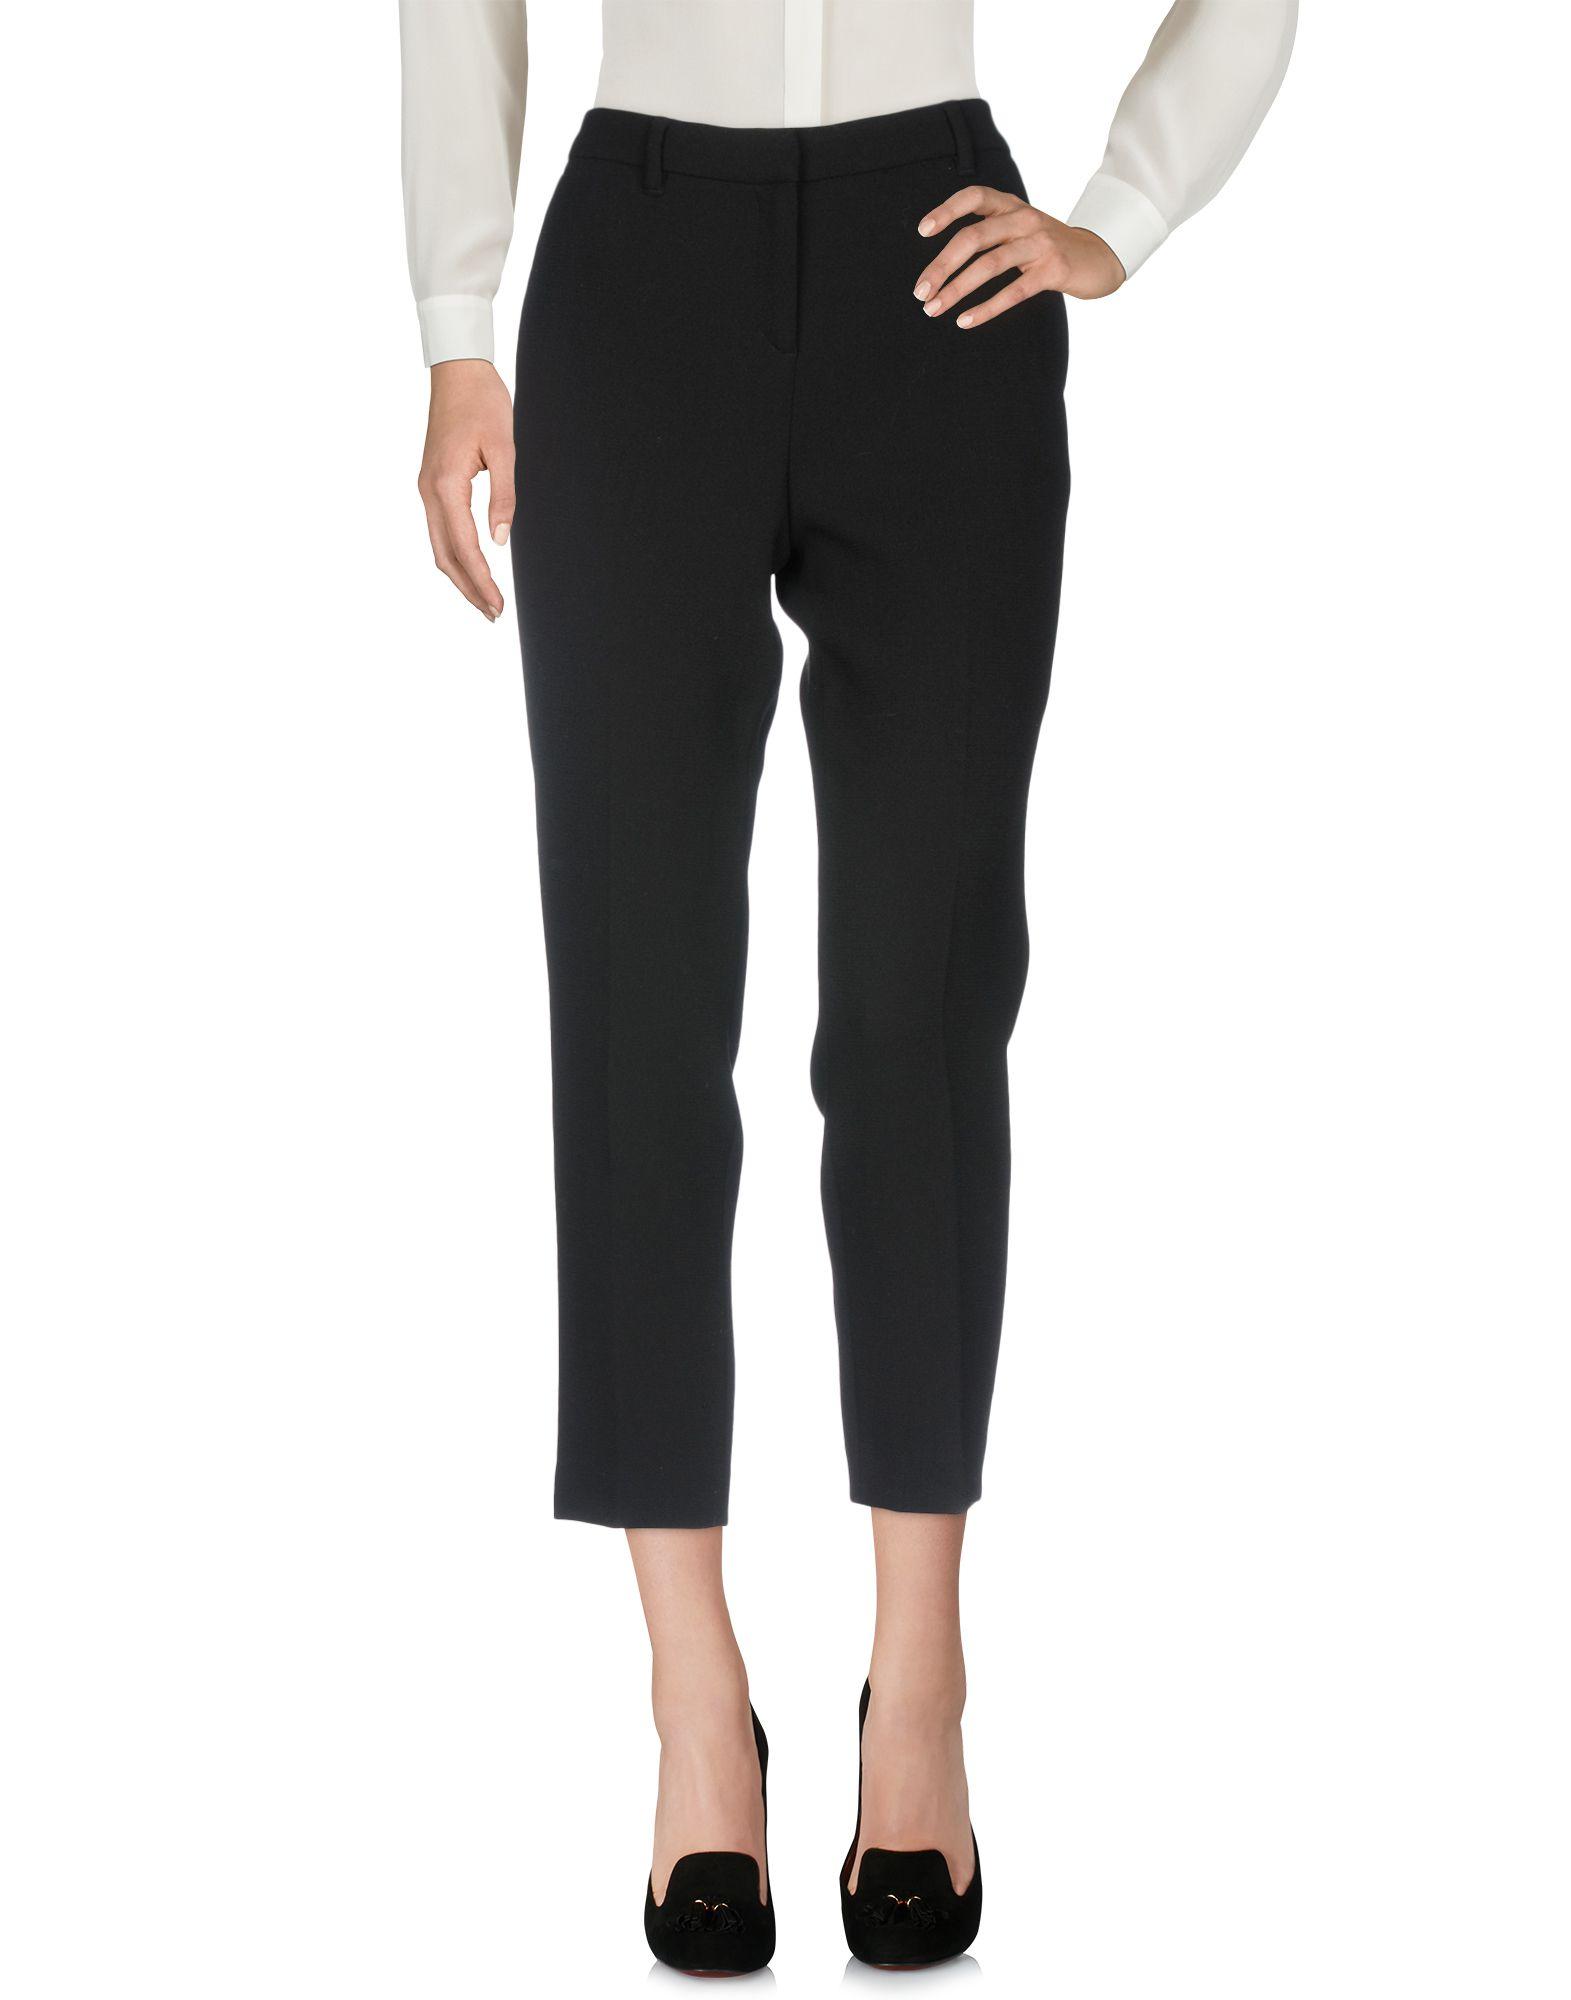 Pantalone L' Autre Chose Donna - Acquista online su EkPbv